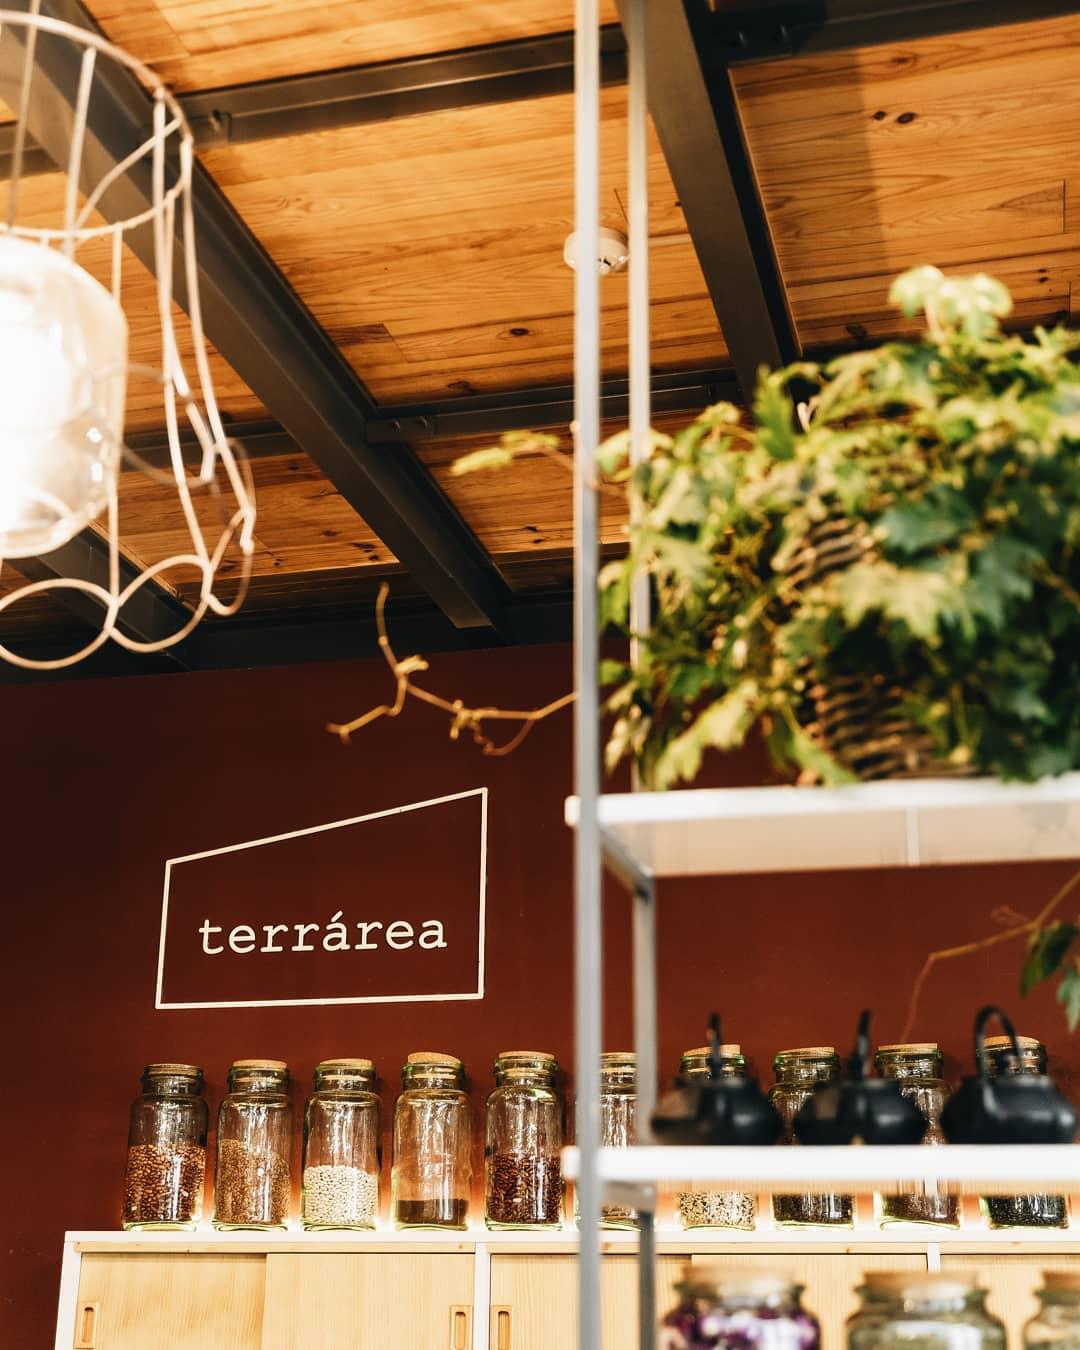 Vista para trás do balcão do Restaurante vegetariano da Terrárea, com vários frascos de leguminosas e o logotipo da Terrárea em grande destaque.